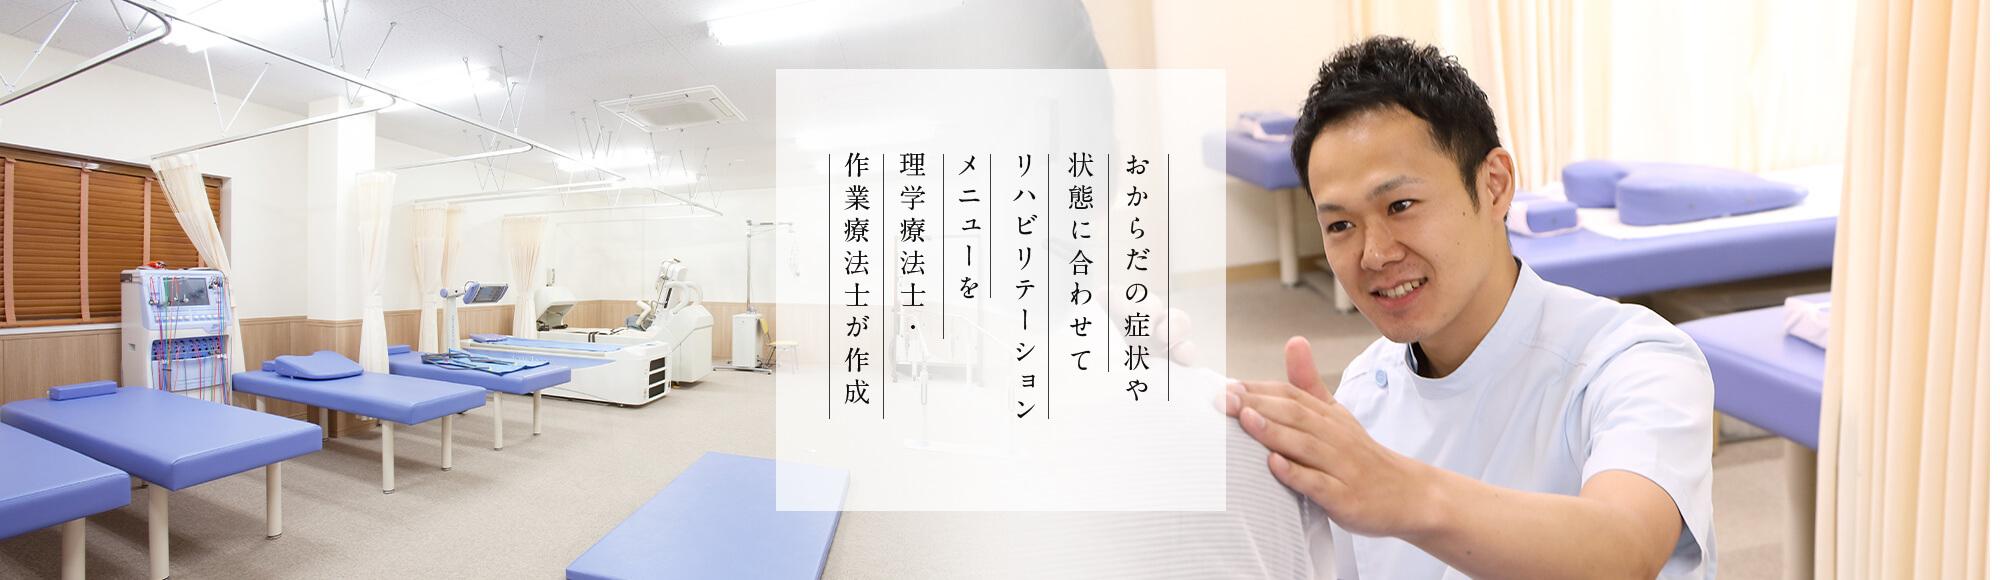 おからだの症状や 状態に合わせて リハビリテーション メニューを 理学療法士・ 作業療法士が作成